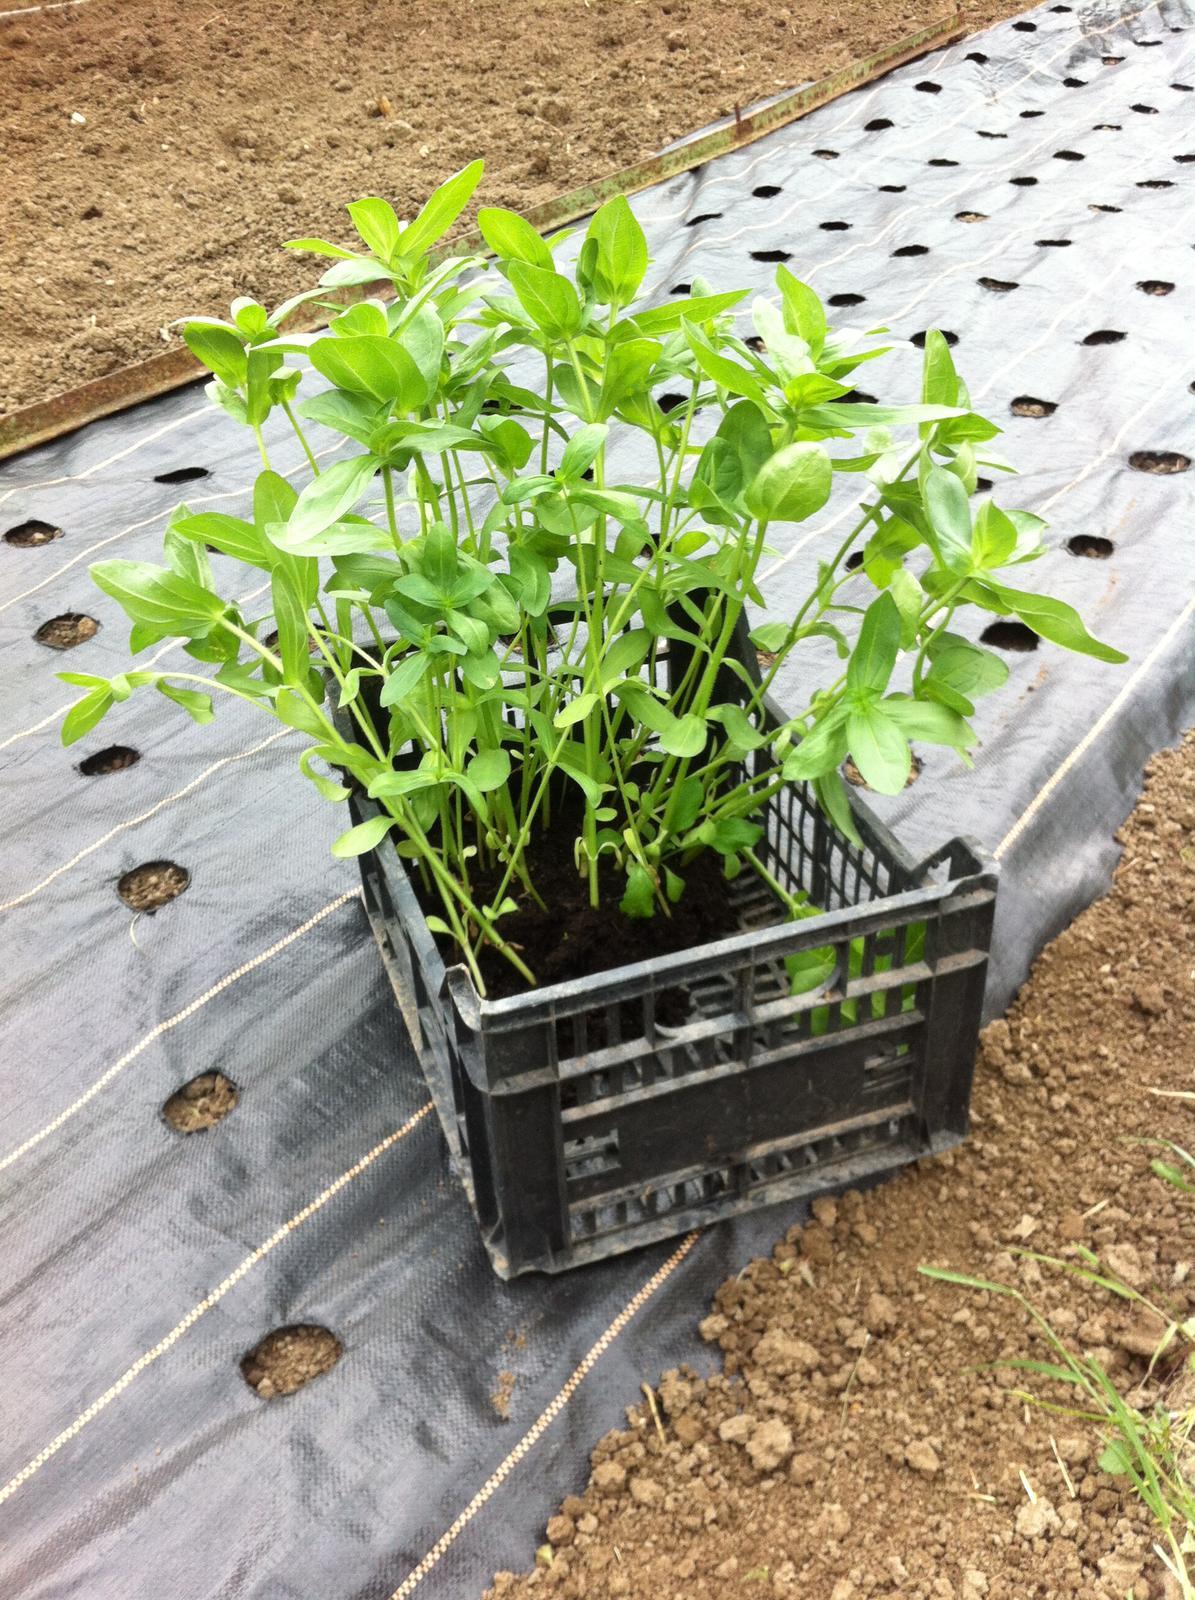 Vo víre kvetov... - Do agrofólie som ako prvé vysadila sadenice z pareniska - žiaľ, malo to byť hotové už dávno, pretože sa mi sadeničky veľmi vytiahli a nemali silnú stavbu.